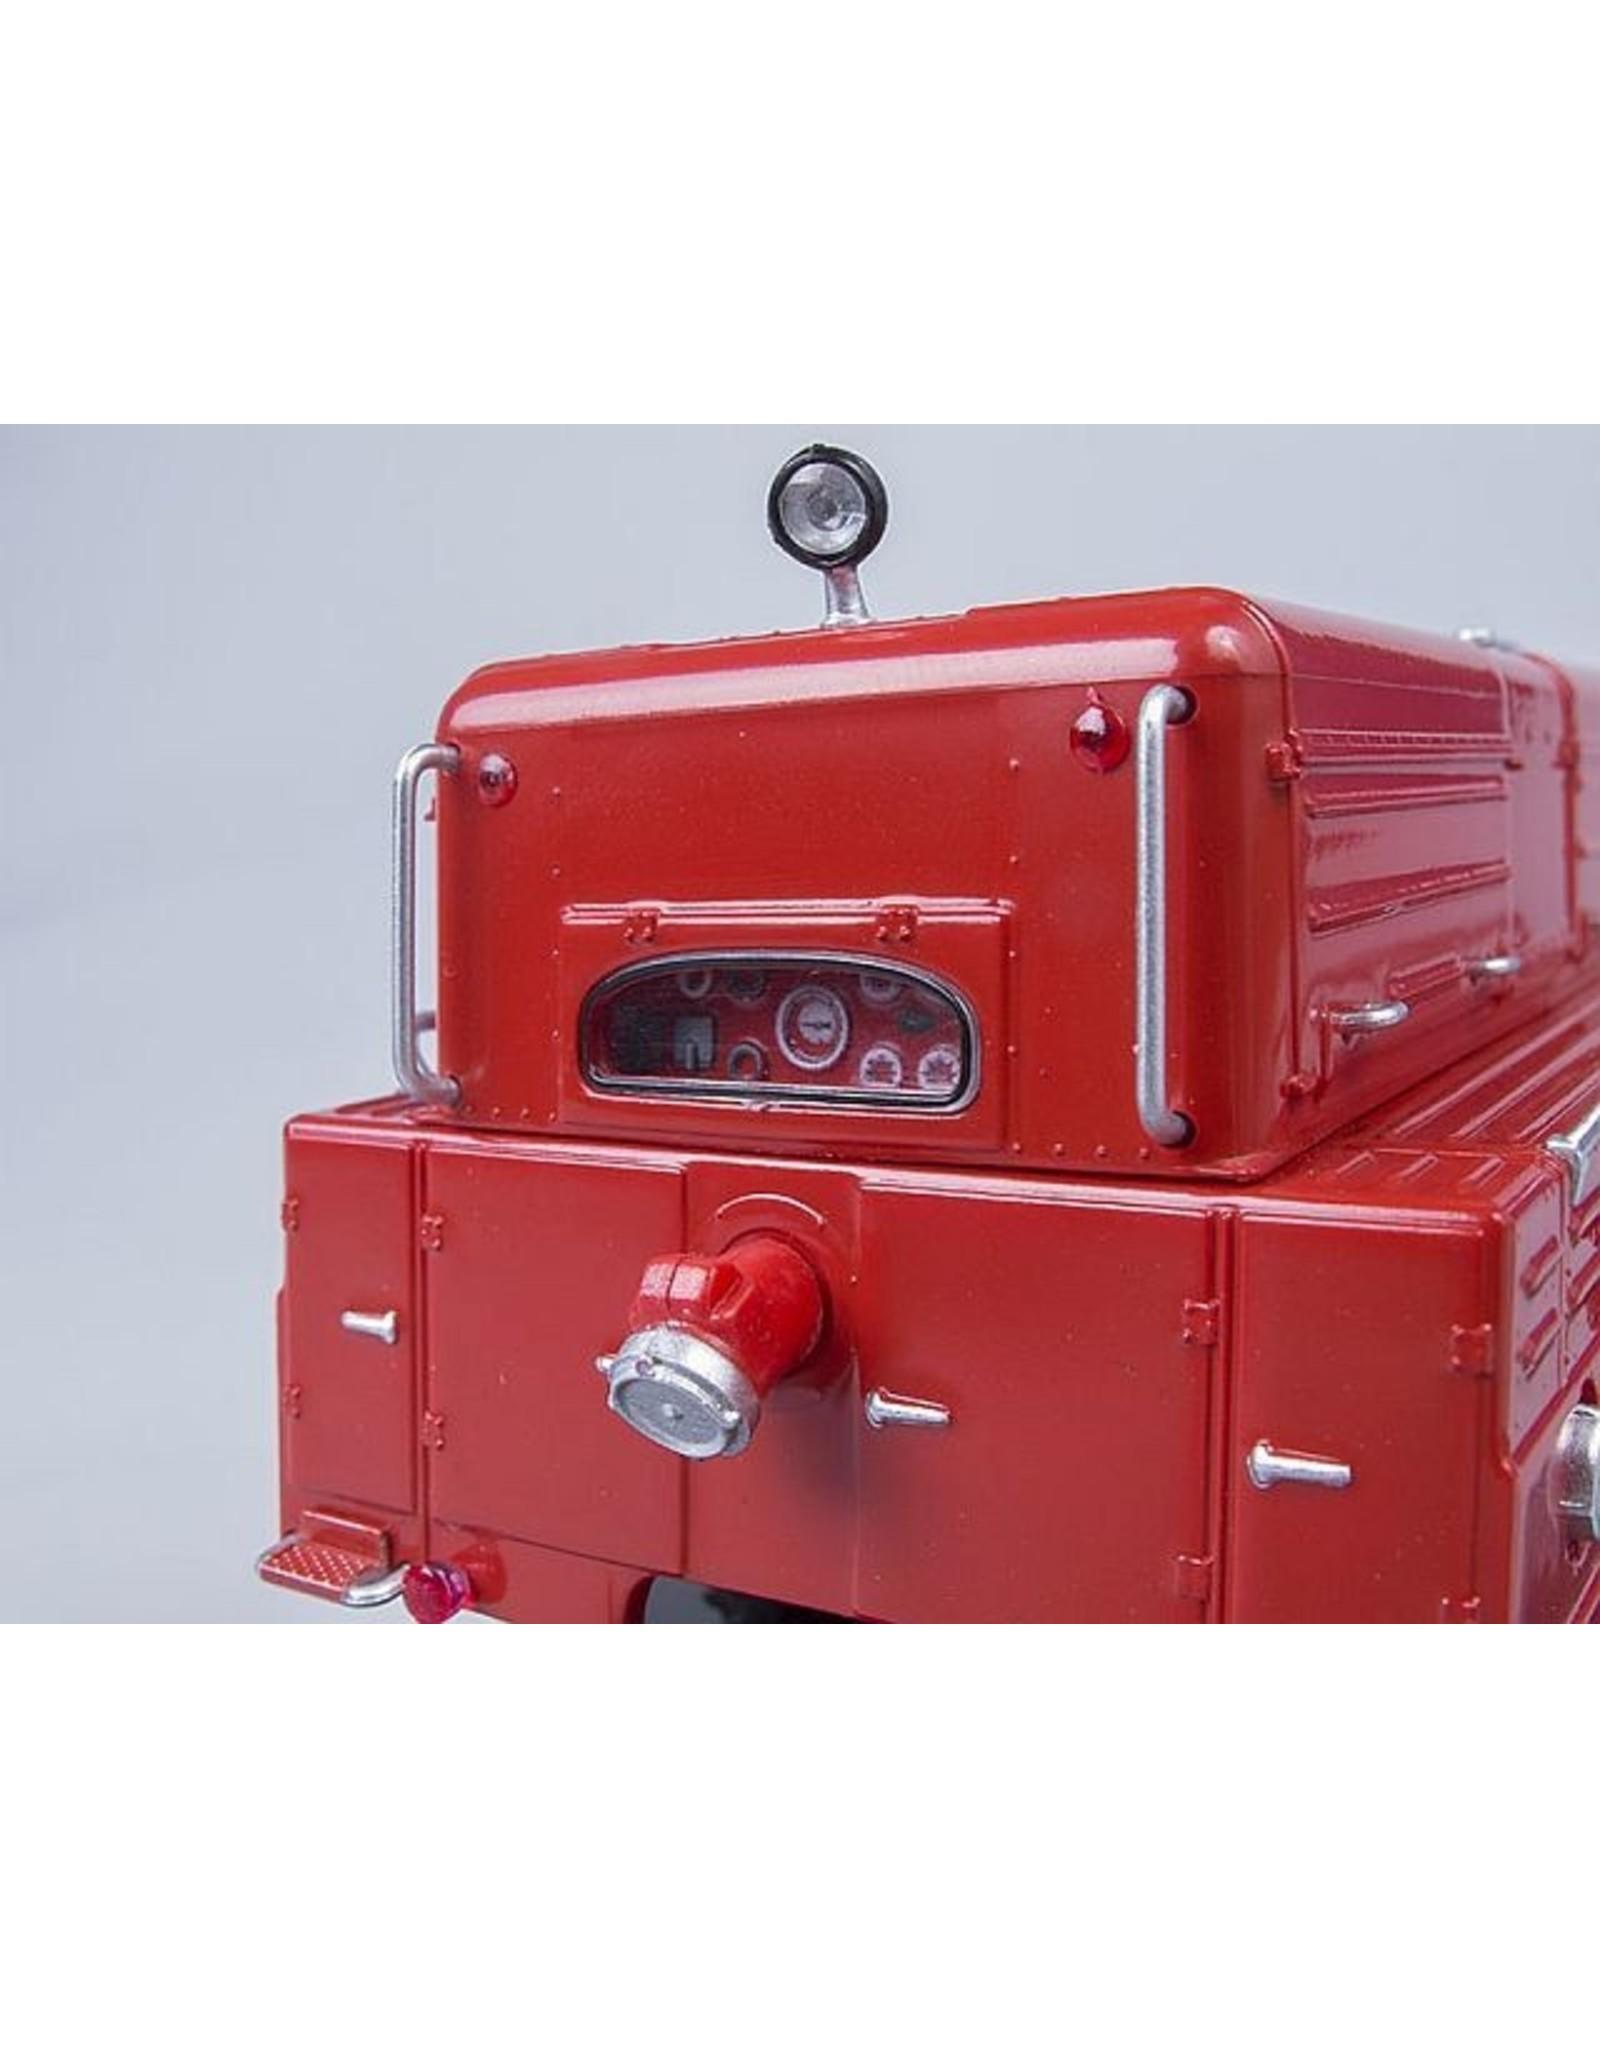 ZiL FIRE PUMP STATION PNS-100(157K)